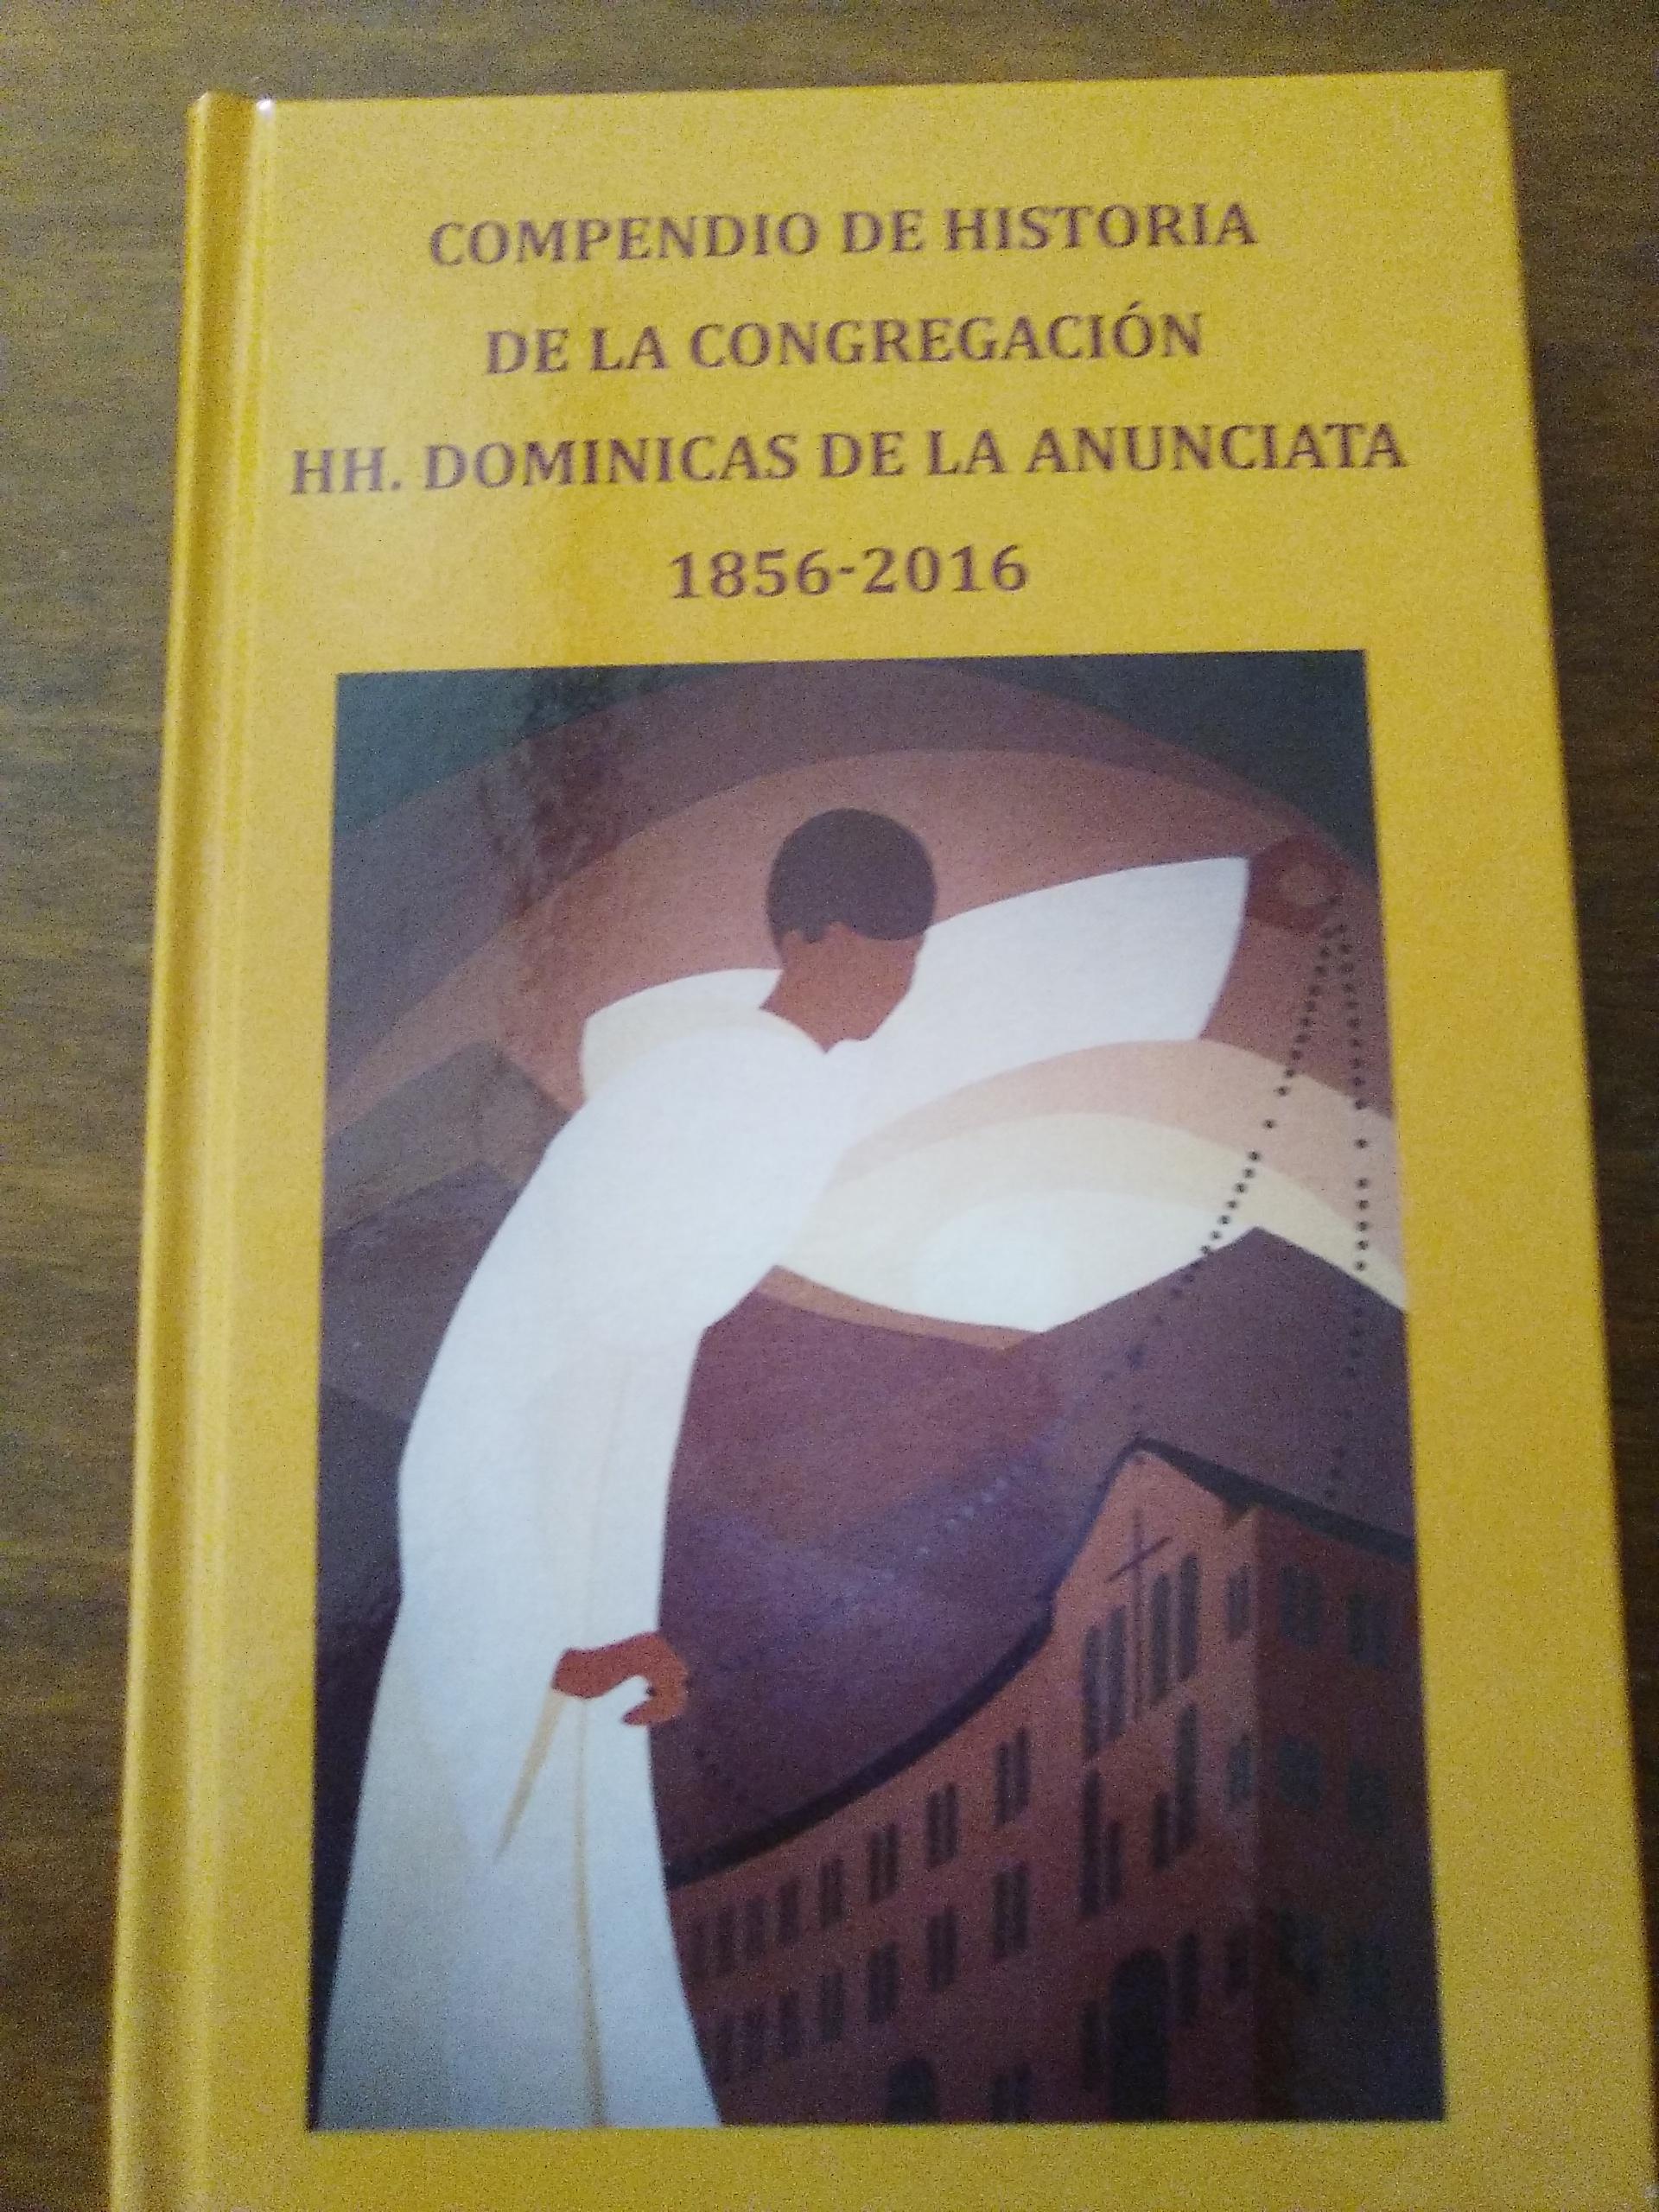 COMPENDIO DE HISTORIA DE LA CONGREGACIÓN